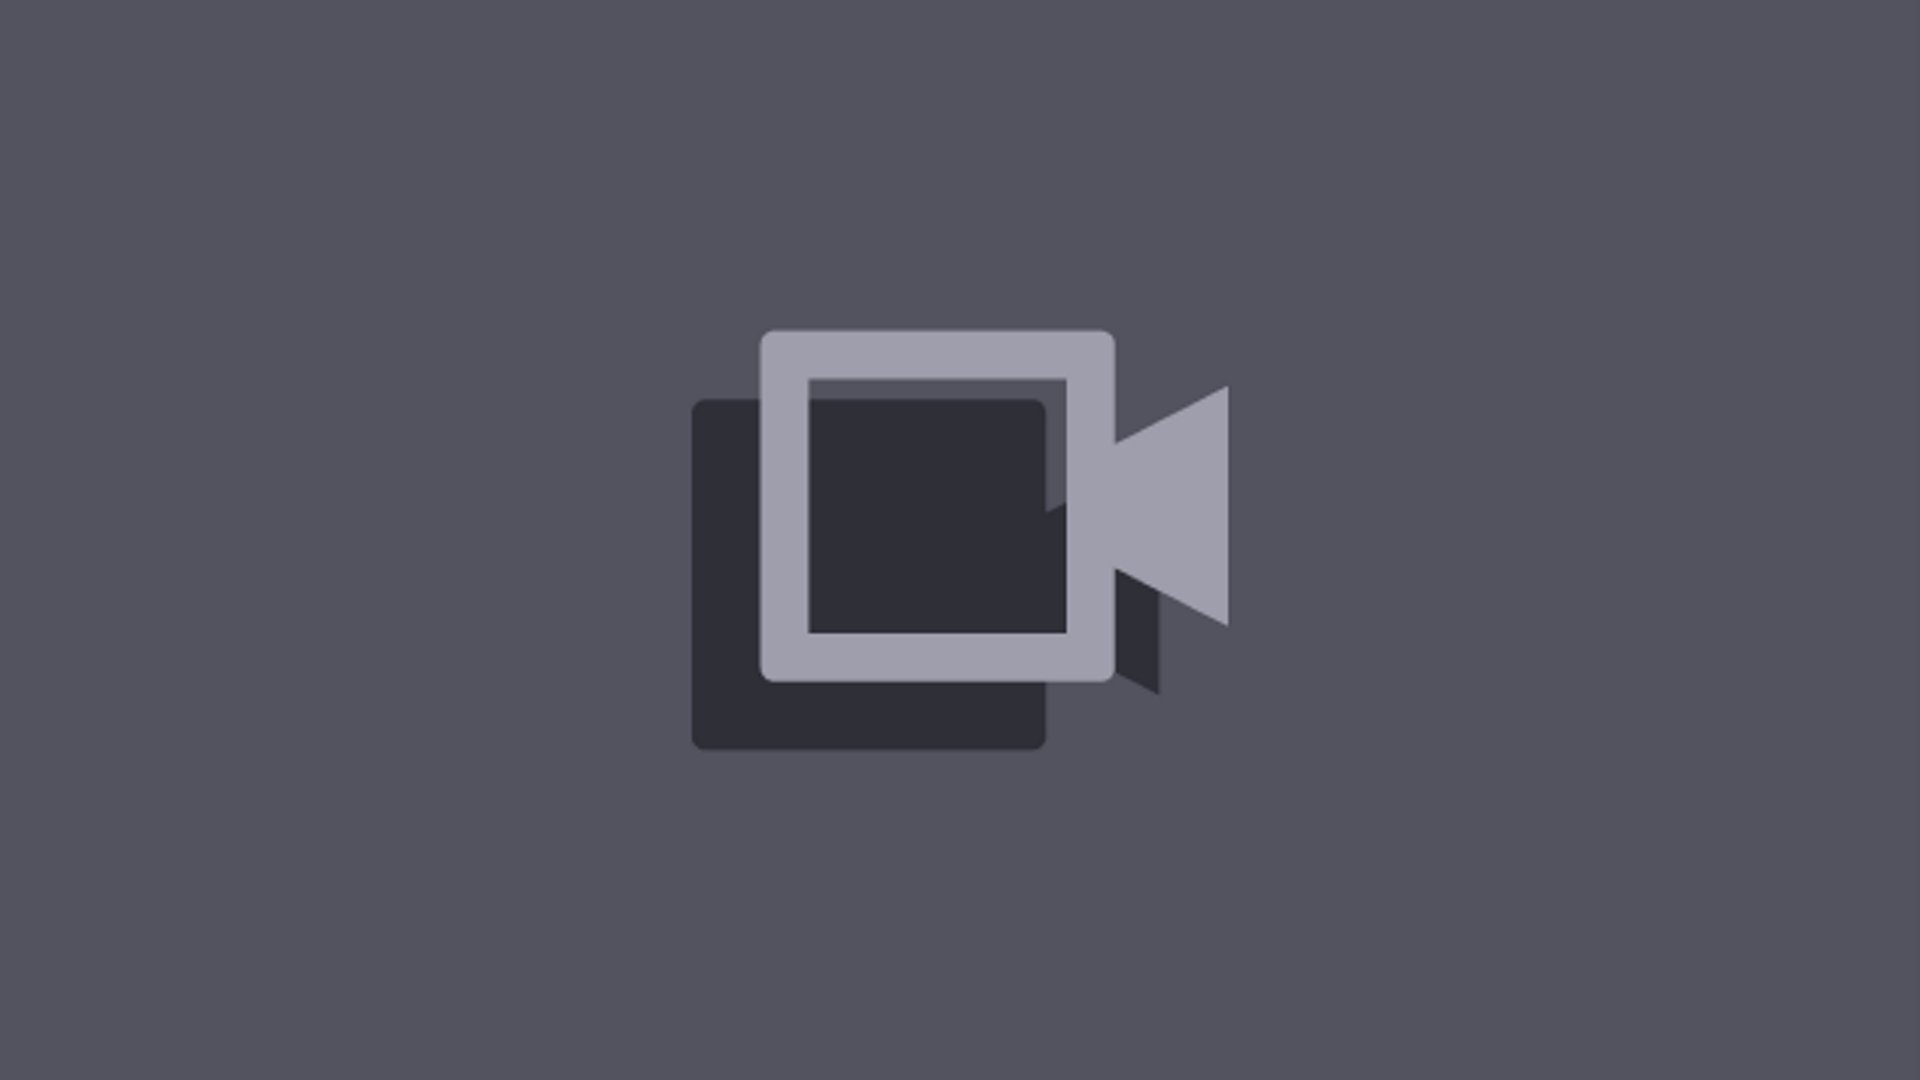 Twitch stream of DougisRaw